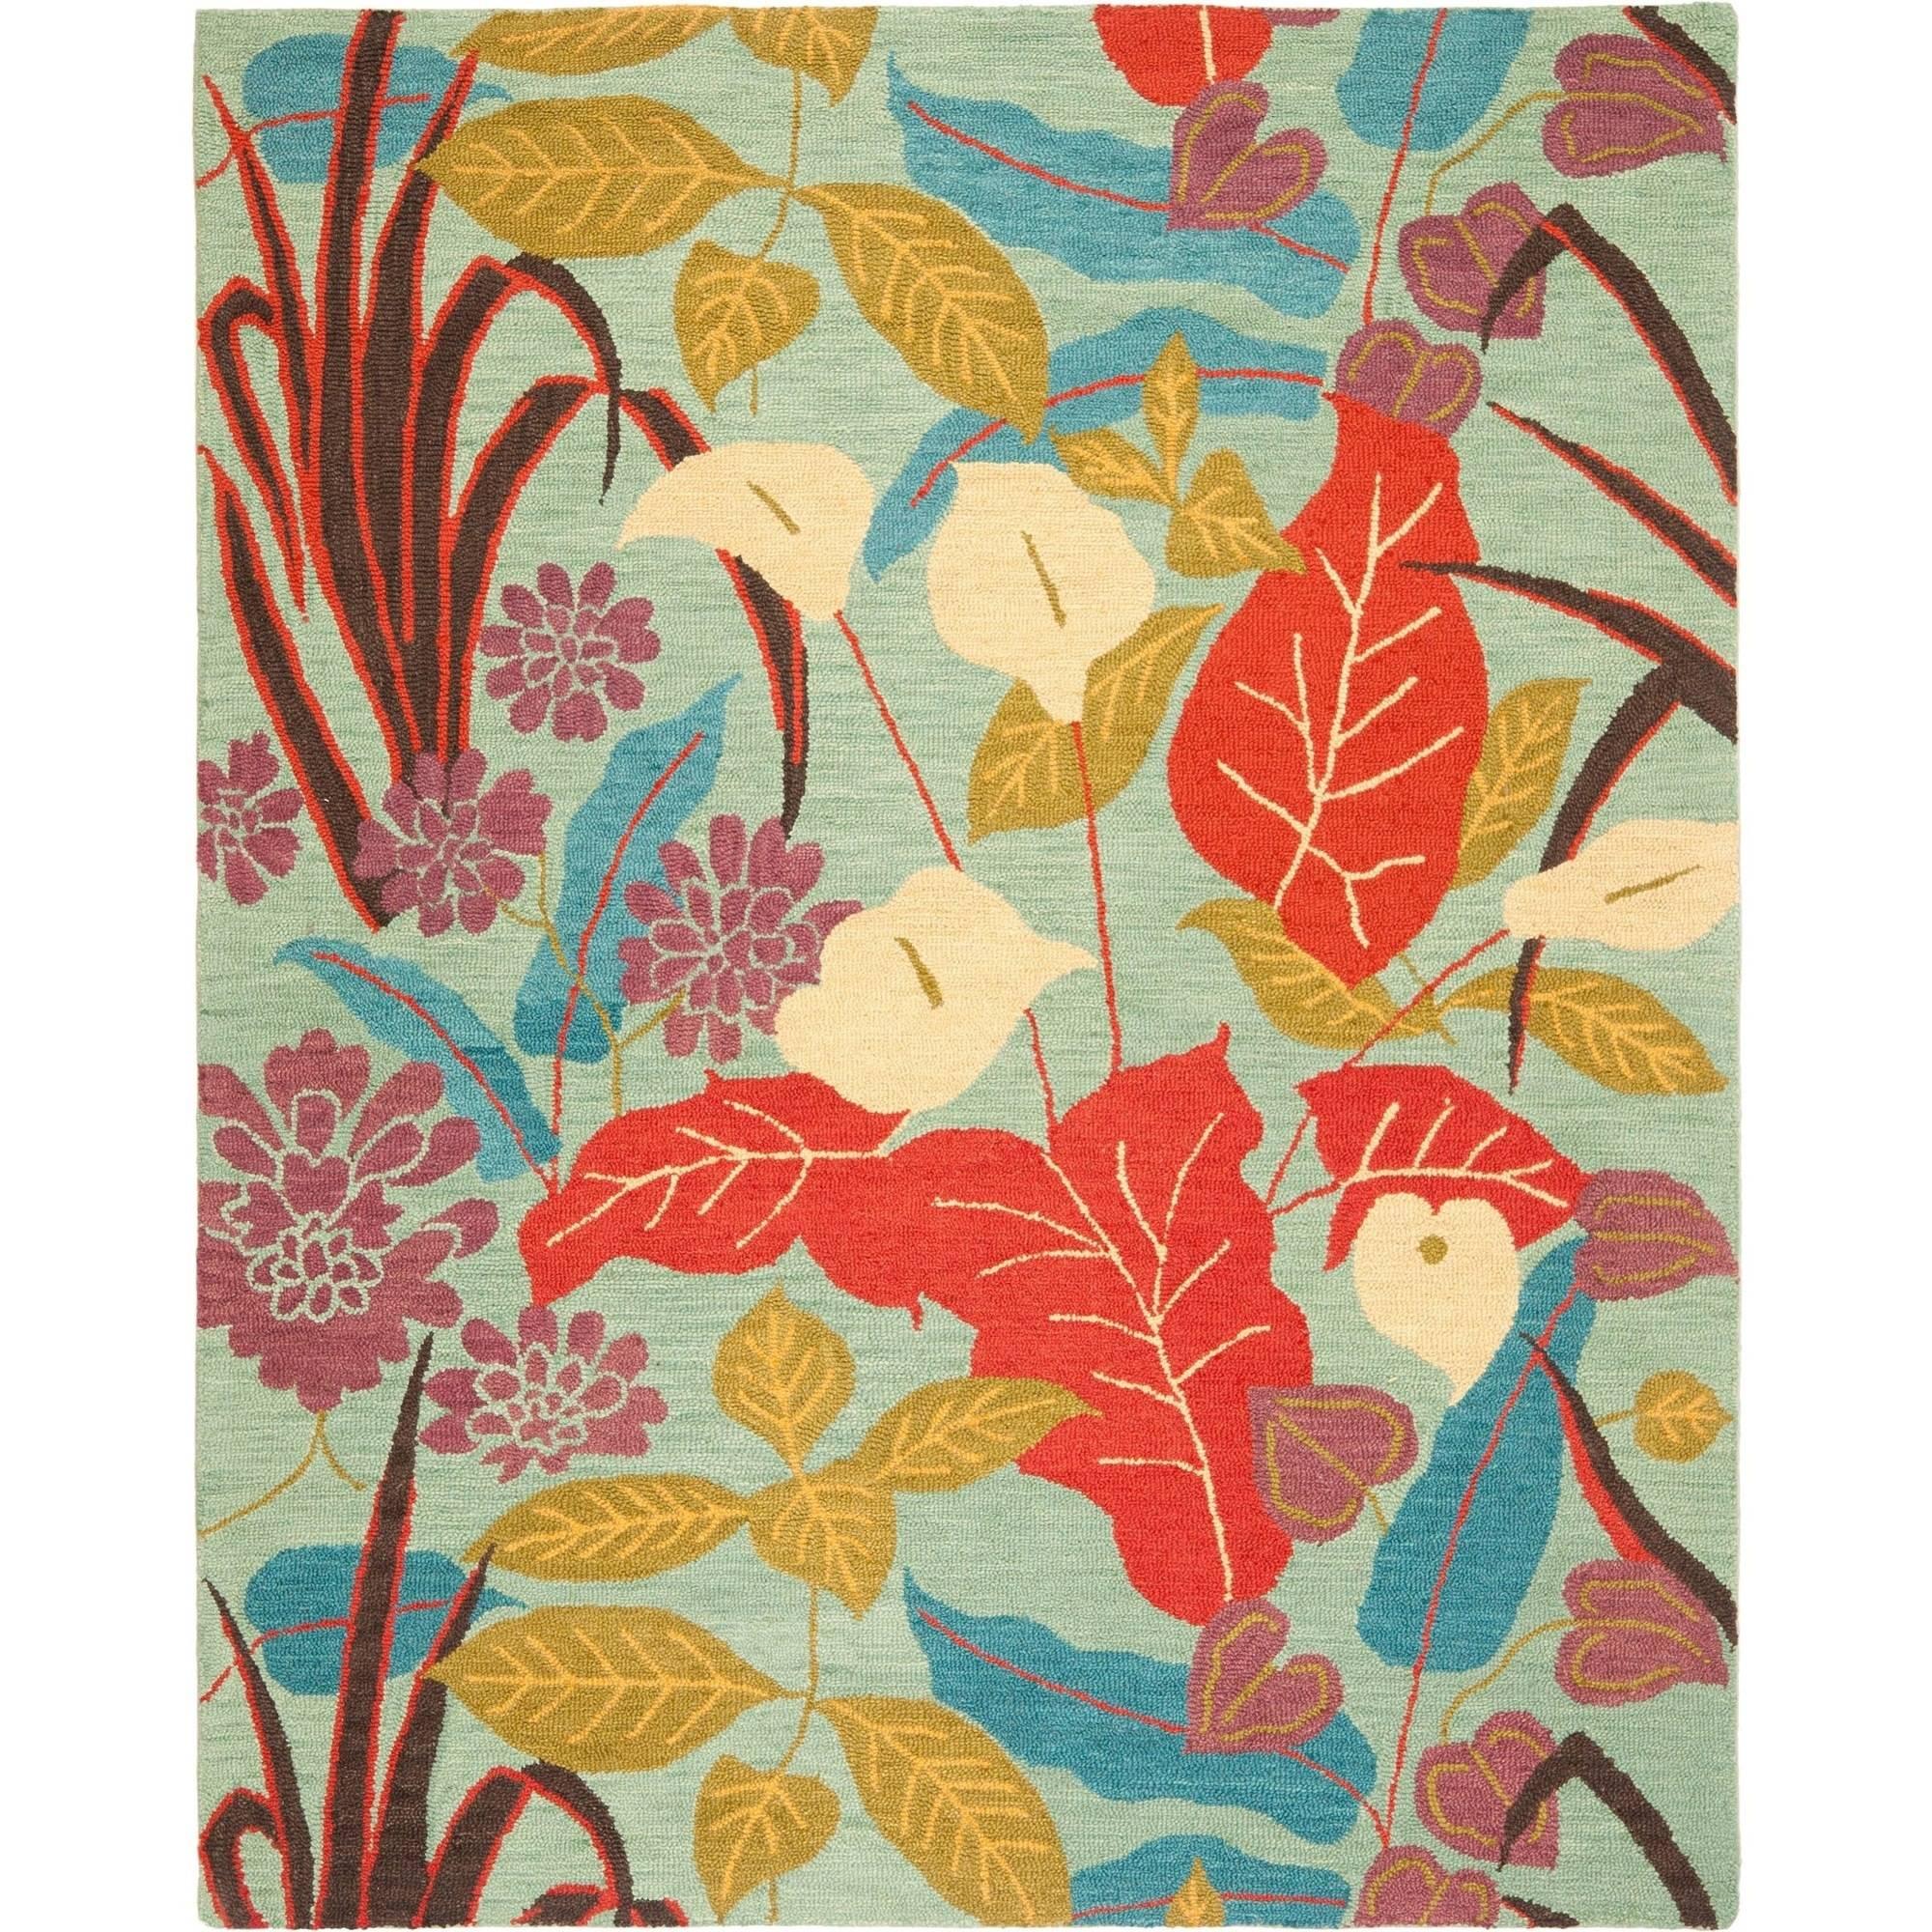 Safavieh Blossom Michelle Wool Area Rug, Blue/Multi